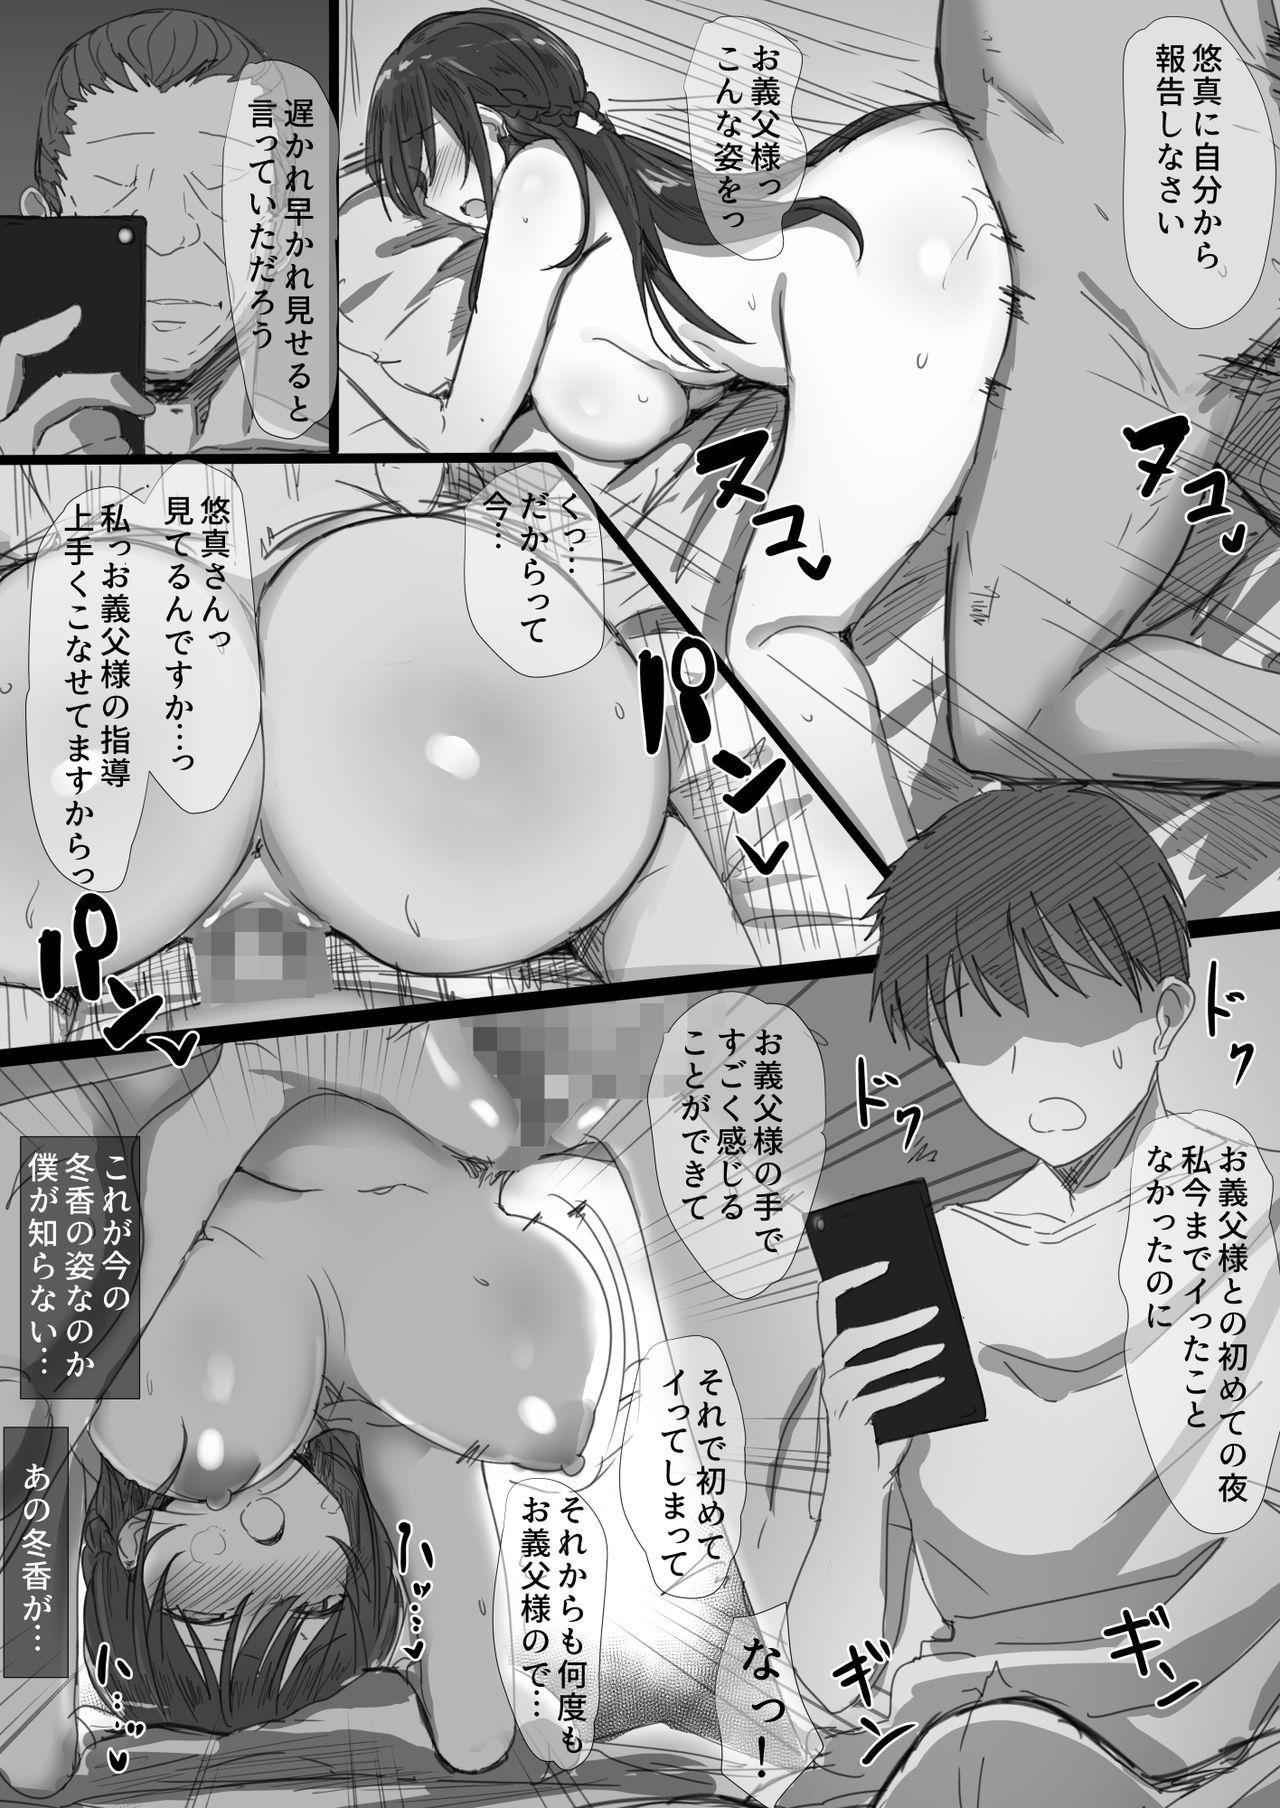 Ki ga Tsuyoi Seiso na Hitozuma Reijou ga Netorareru made no Ichibu Shijuu 51